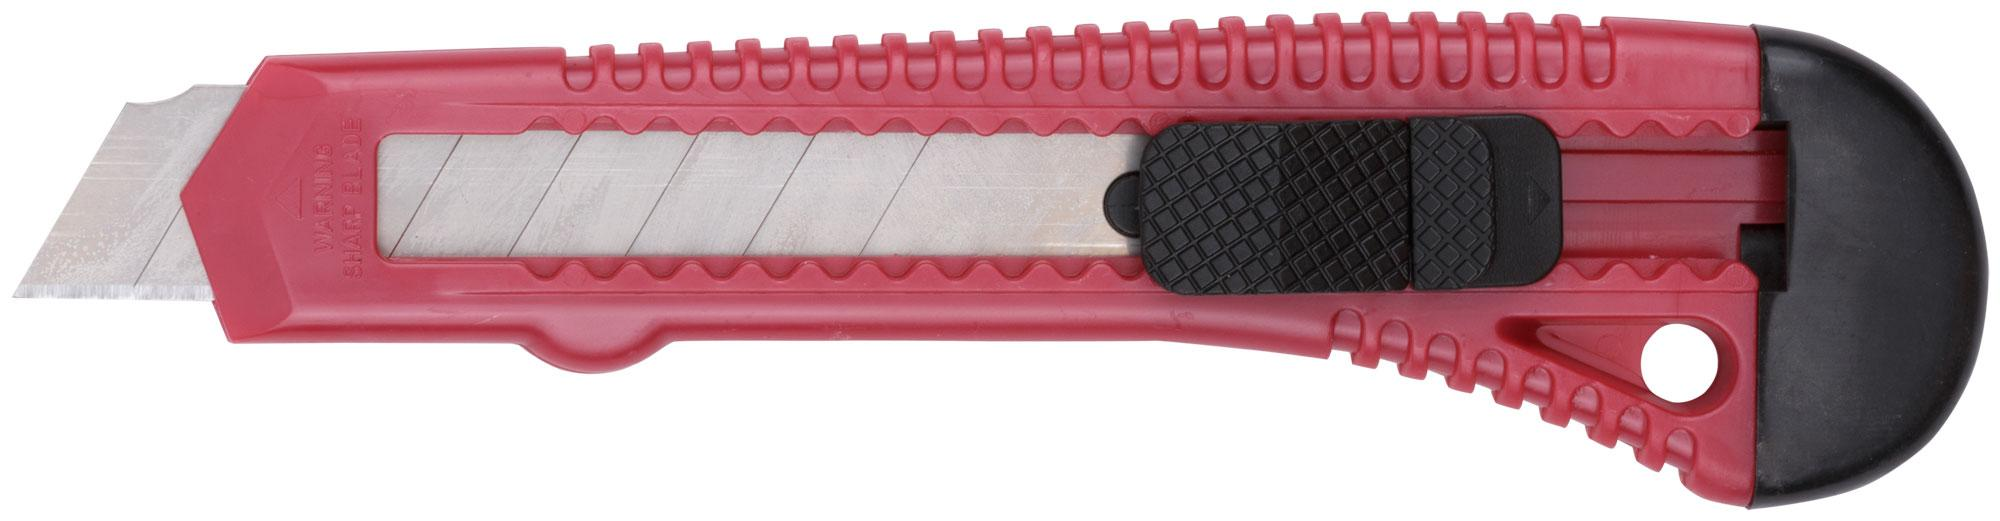 Нож КУРС 10166